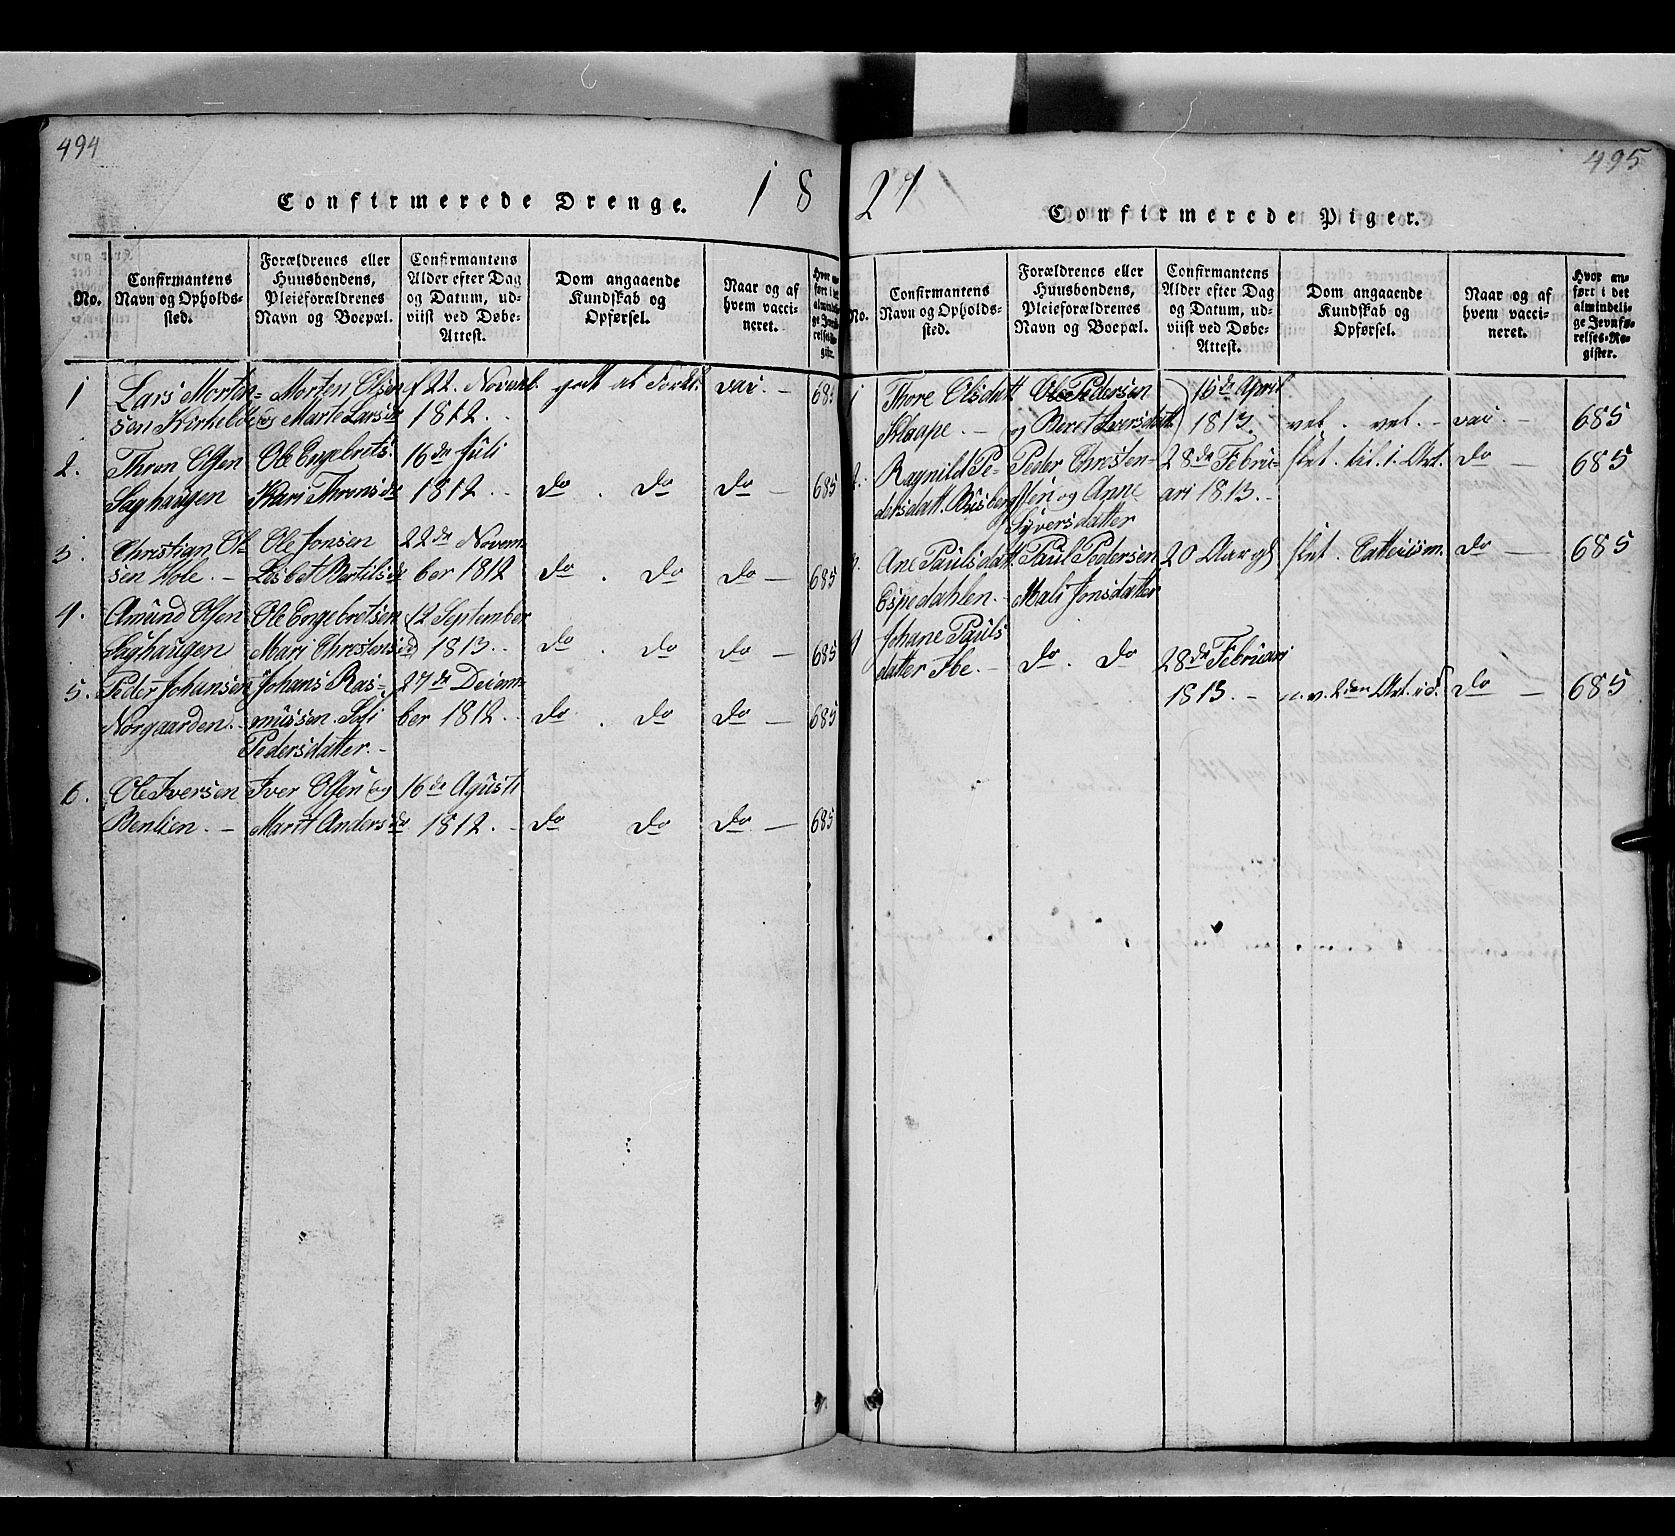 SAH, Gausdal prestekontor, Klokkerbok nr. 2, 1818-1874, s. 494-495